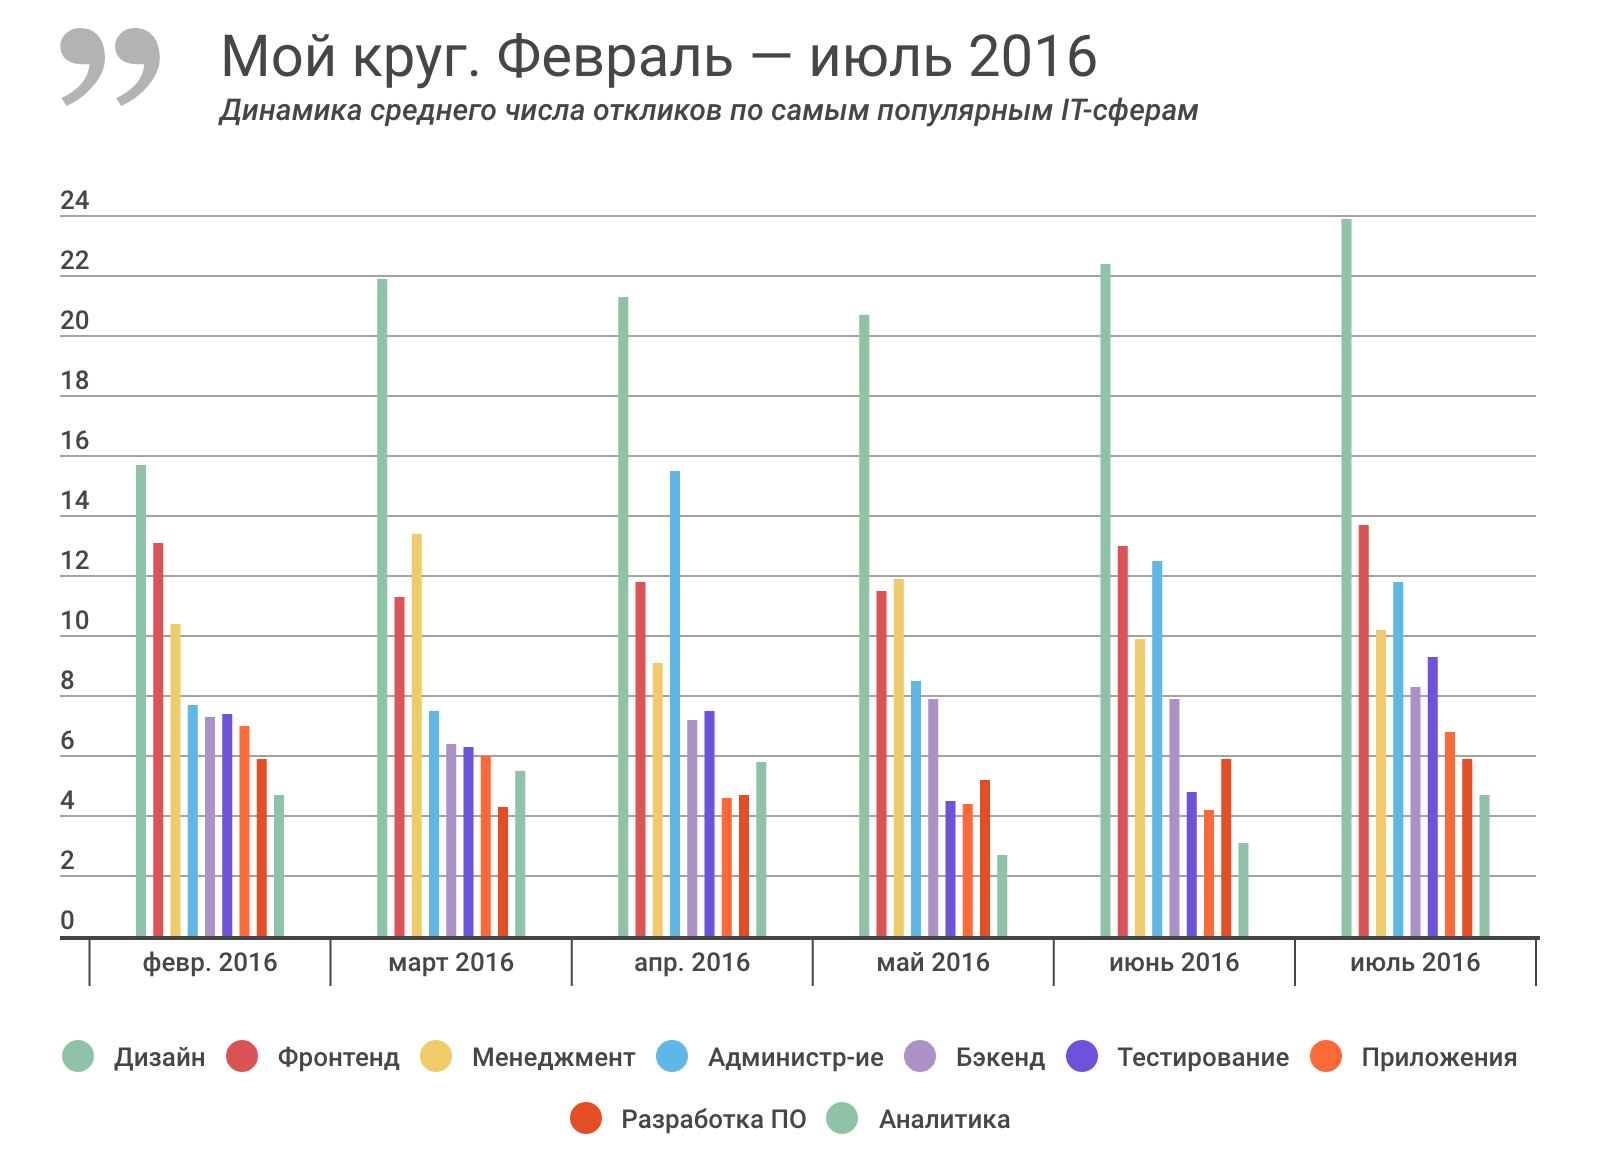 Отчет о результатах «Моего круга» за июль 2016, и самые популярные вакансии месяца - 2